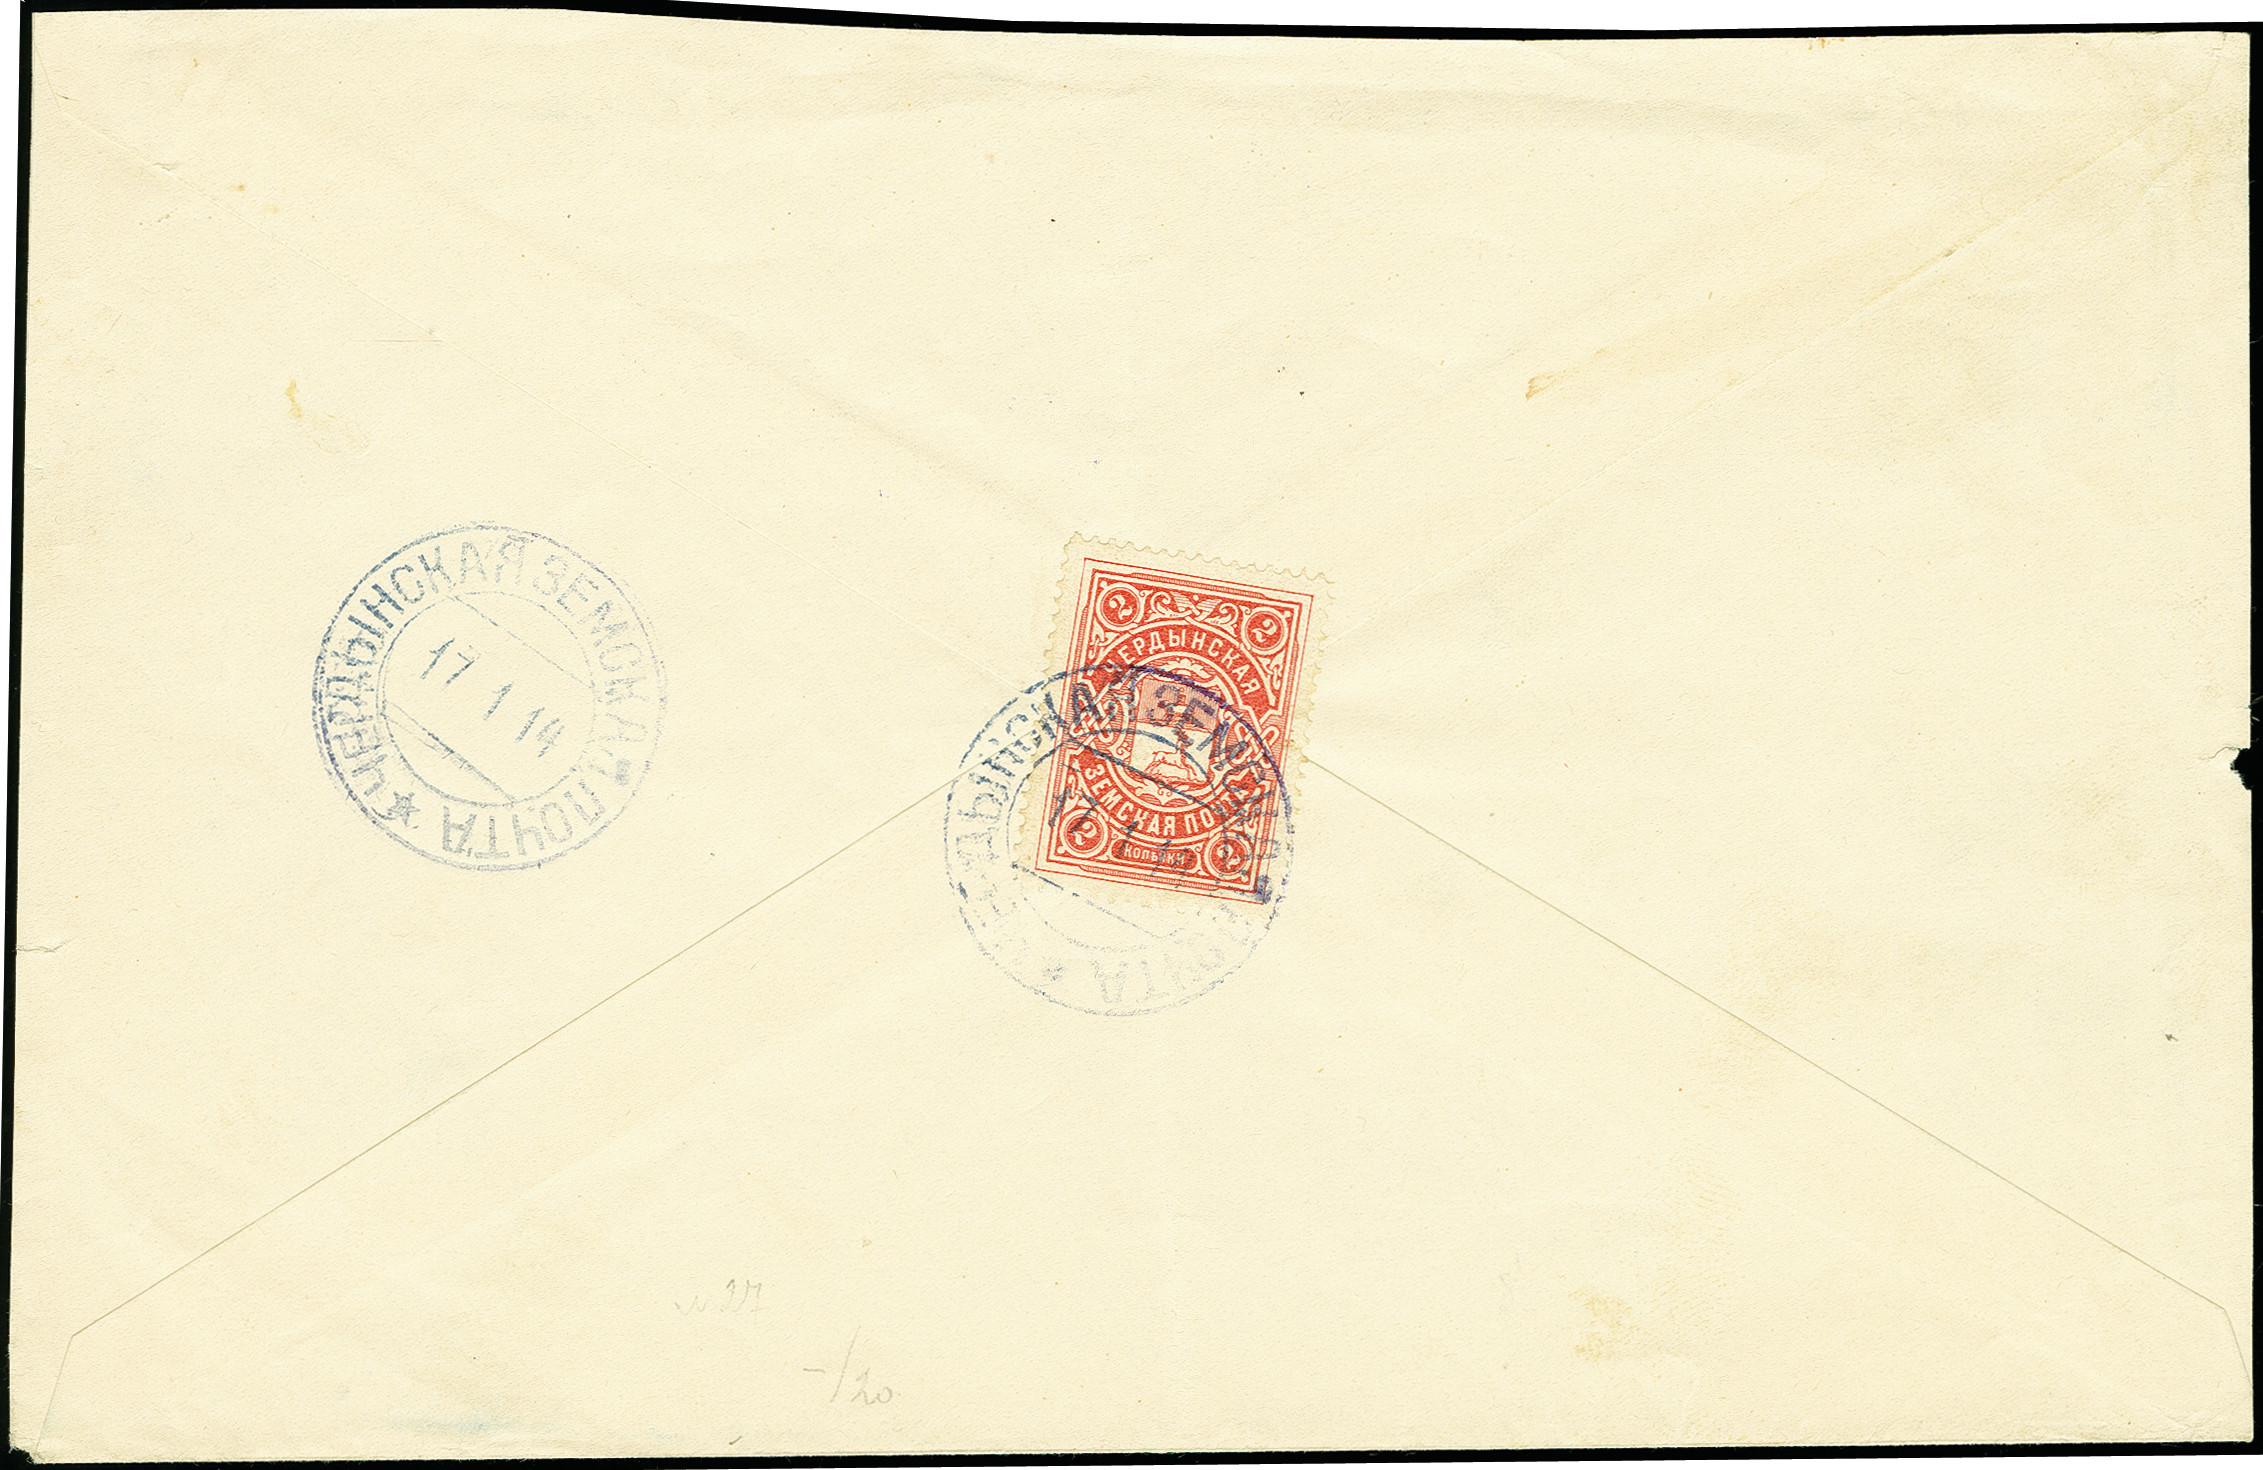 Lot 1922 - russland zemstvo -  Heinrich Koehler Auktionen 375rd Heinrich Köhler auction - Day 1